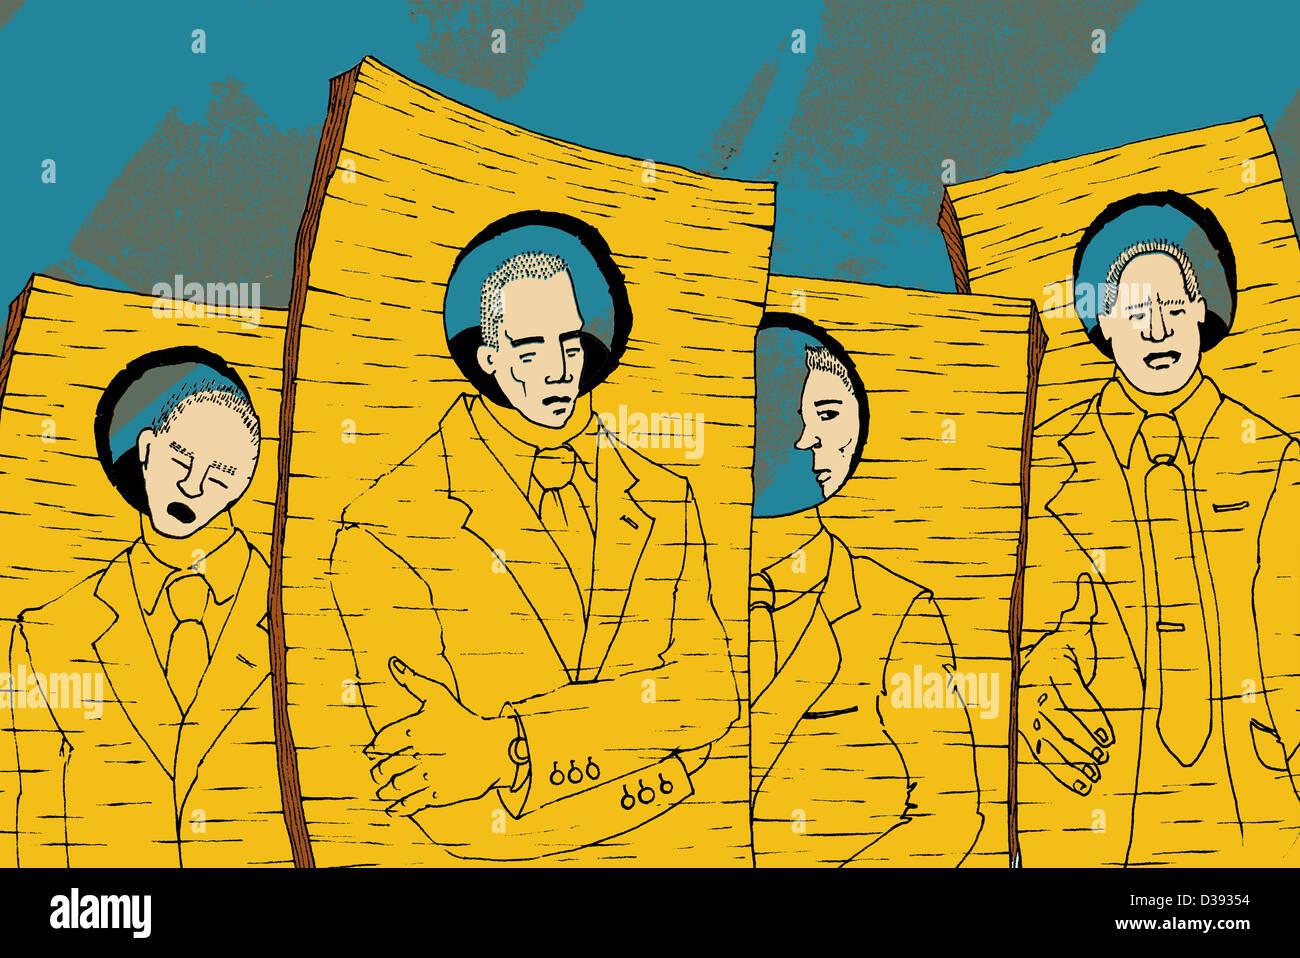 Cuatro empresarios con identidad similares Imagen De Stock